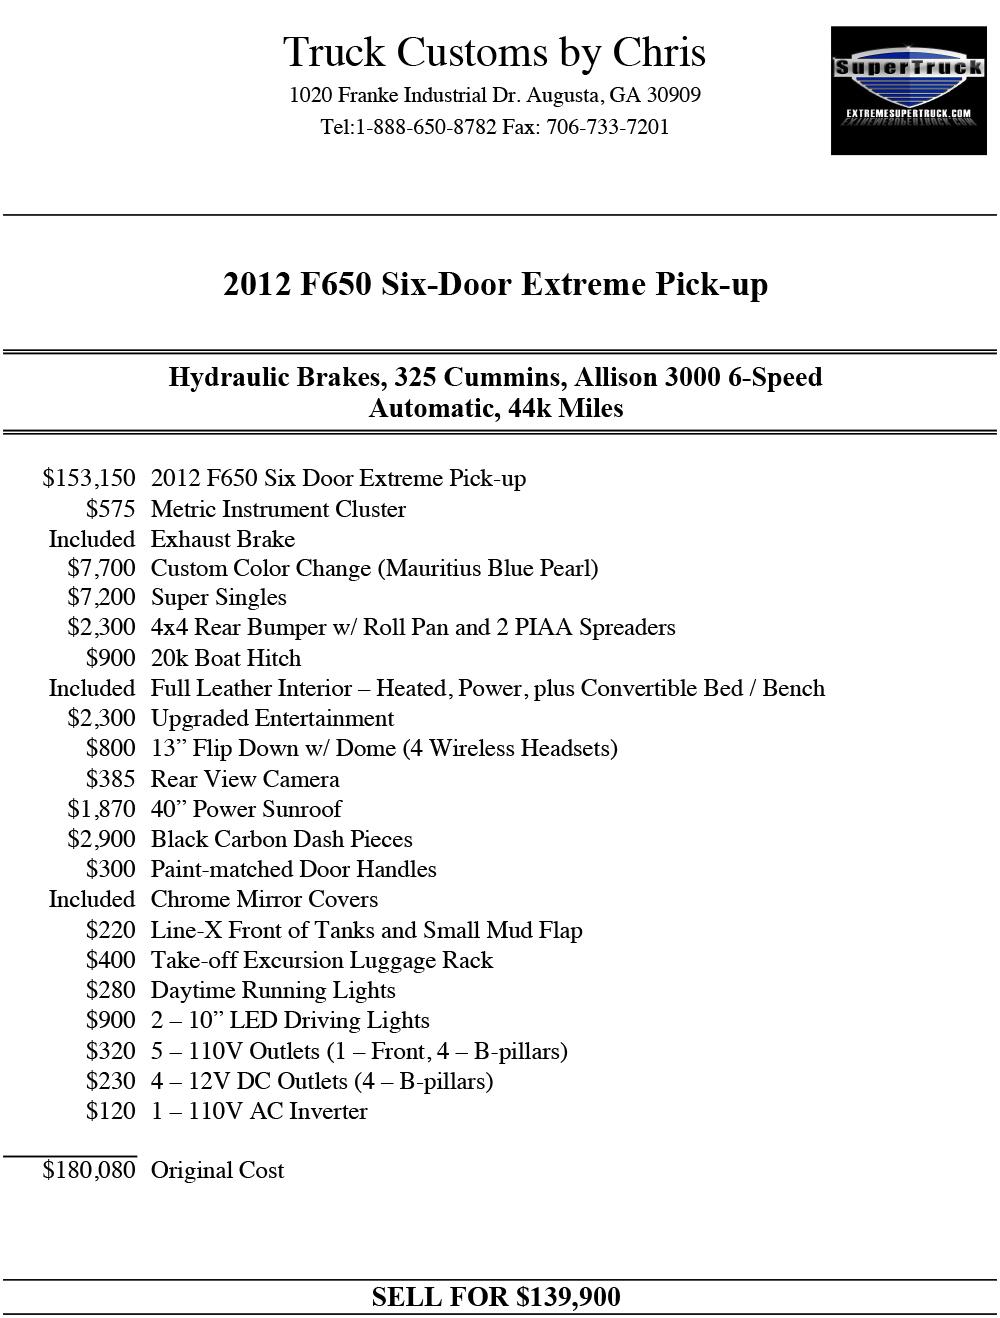 F650 6 Door : 6-Door, Pickup, Supertrucks